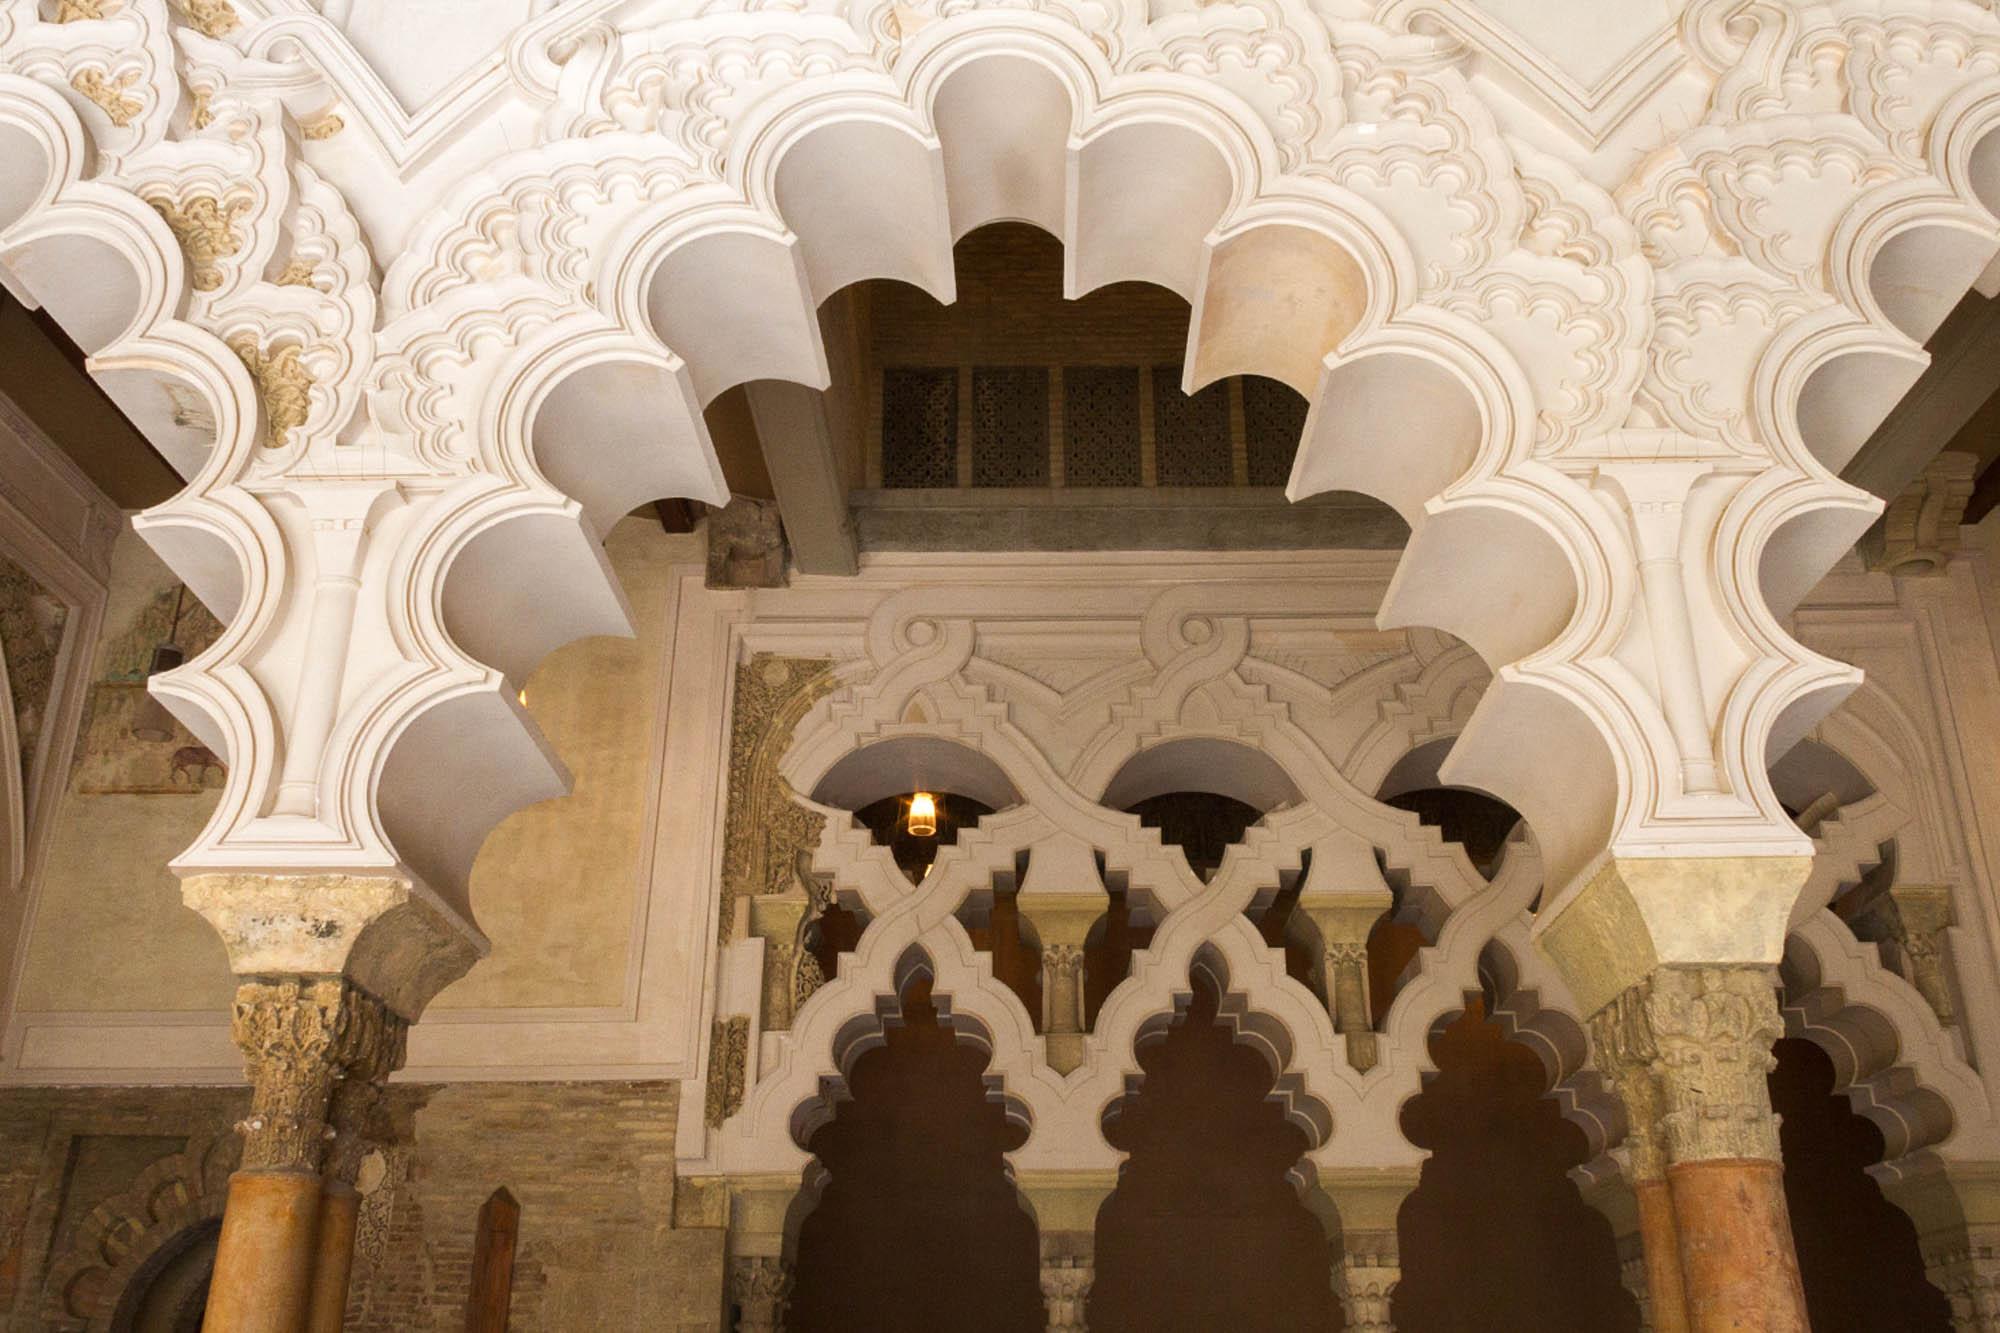 Que ver en Zaragoza - Arquitectura Mudéjar de Aragón / Palacio de la Aljafería